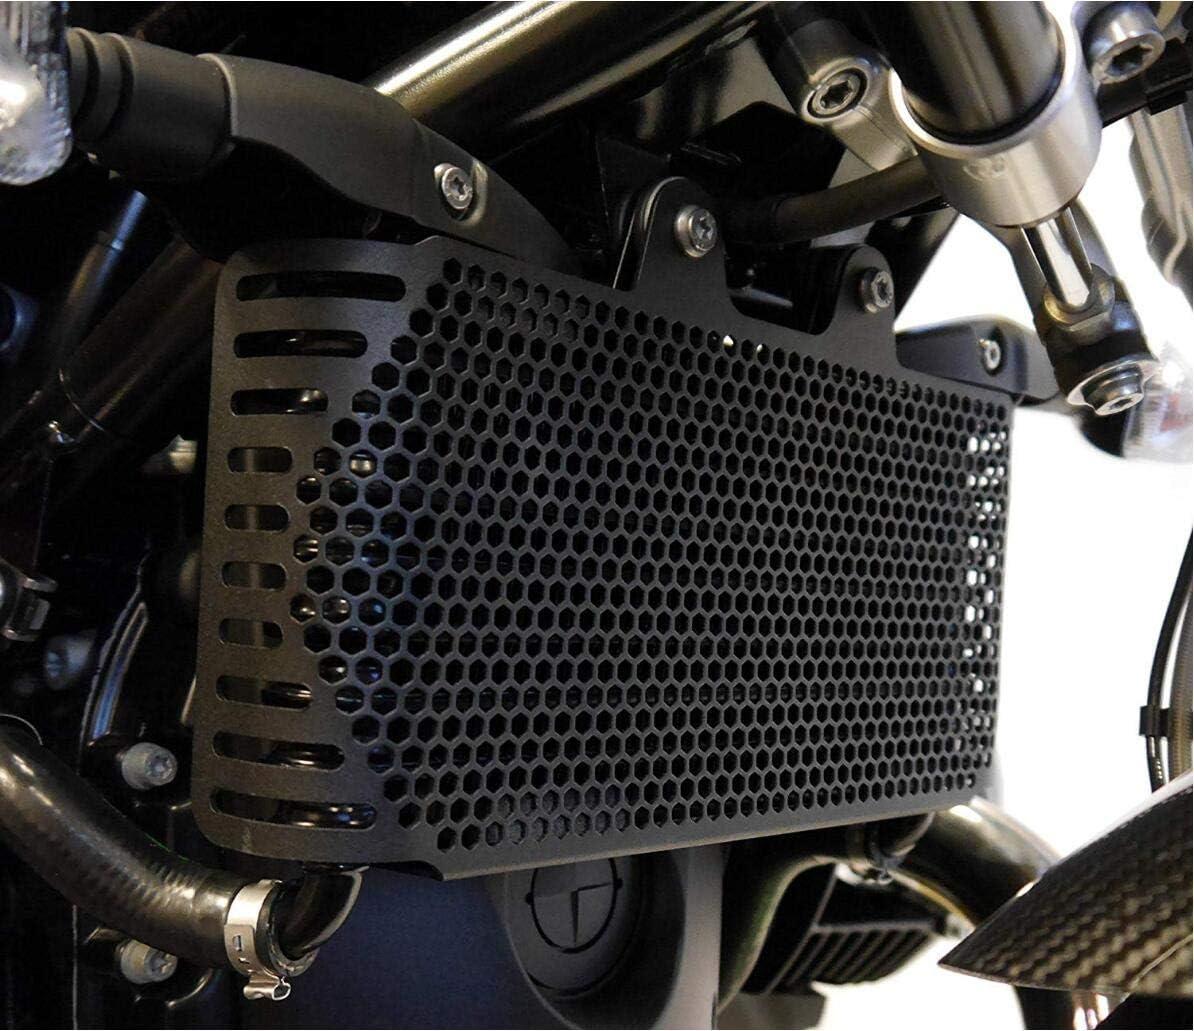 Cubierta de la Pinza del Freno Trasero Accesorios de la Motocicleta para BMW RNINET R NineT 2014-2019 Negro